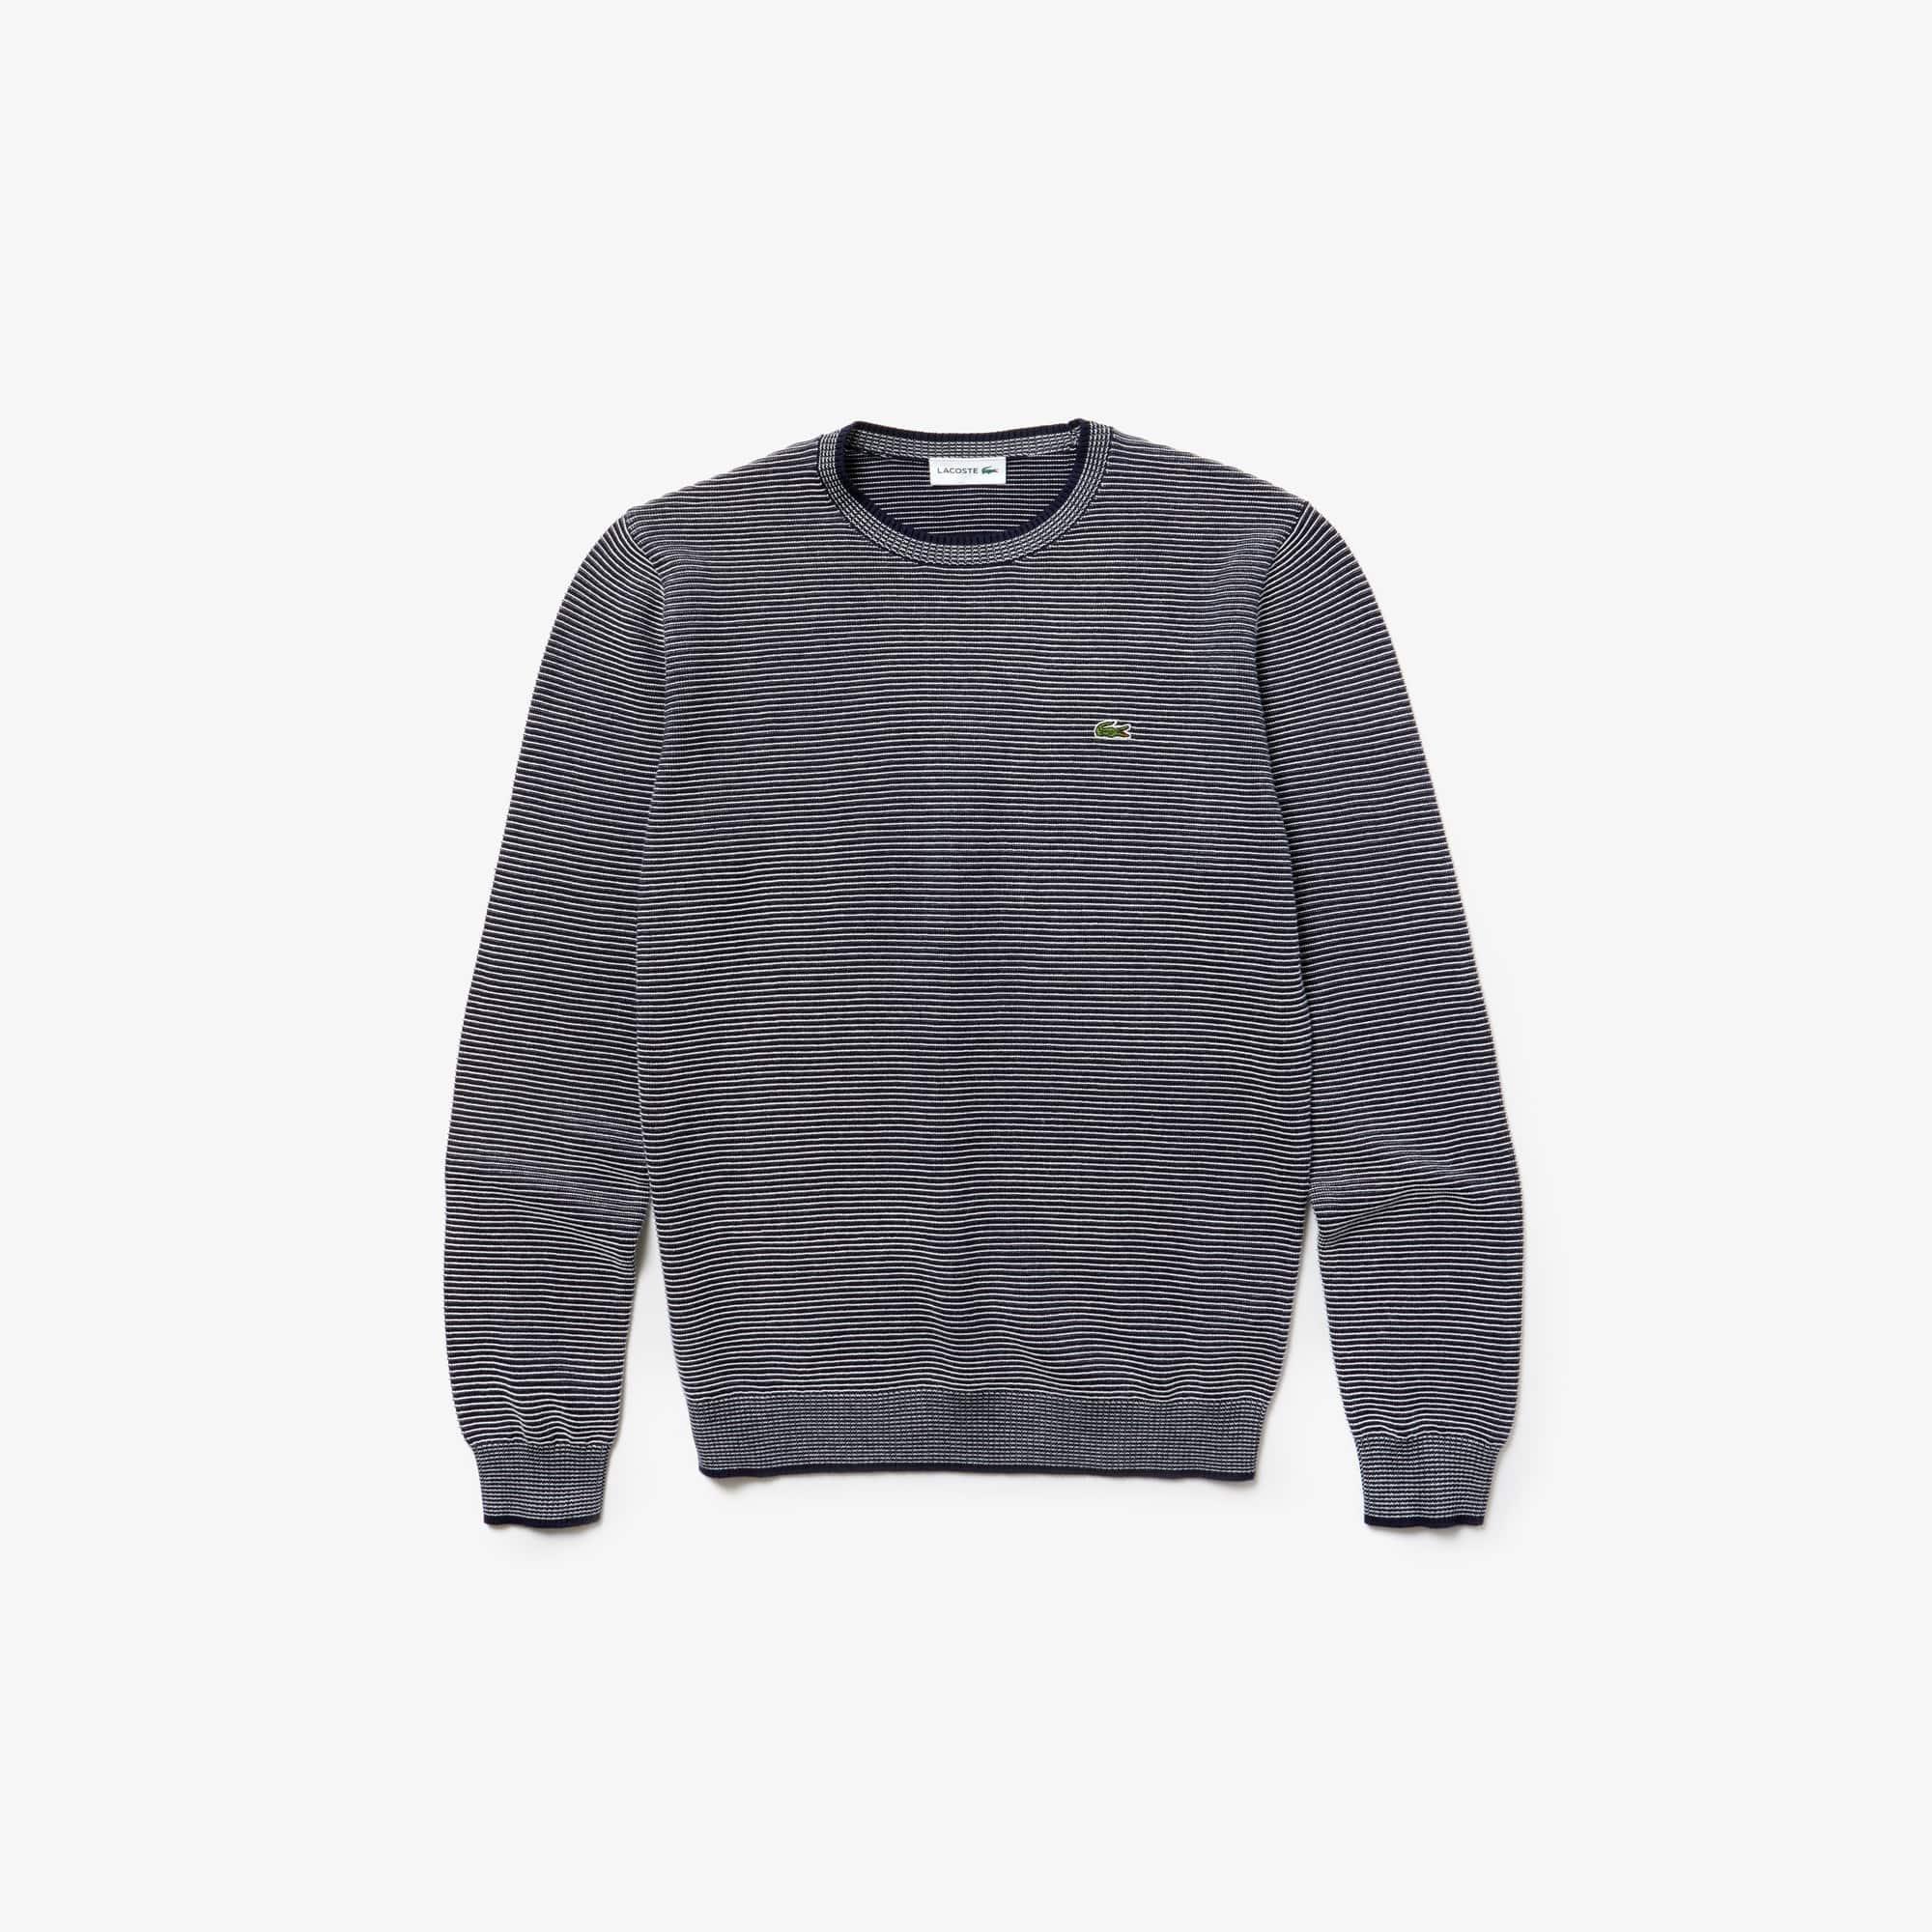 Sweater met ronde hals van katoenen ottoman met smal streeppatroon